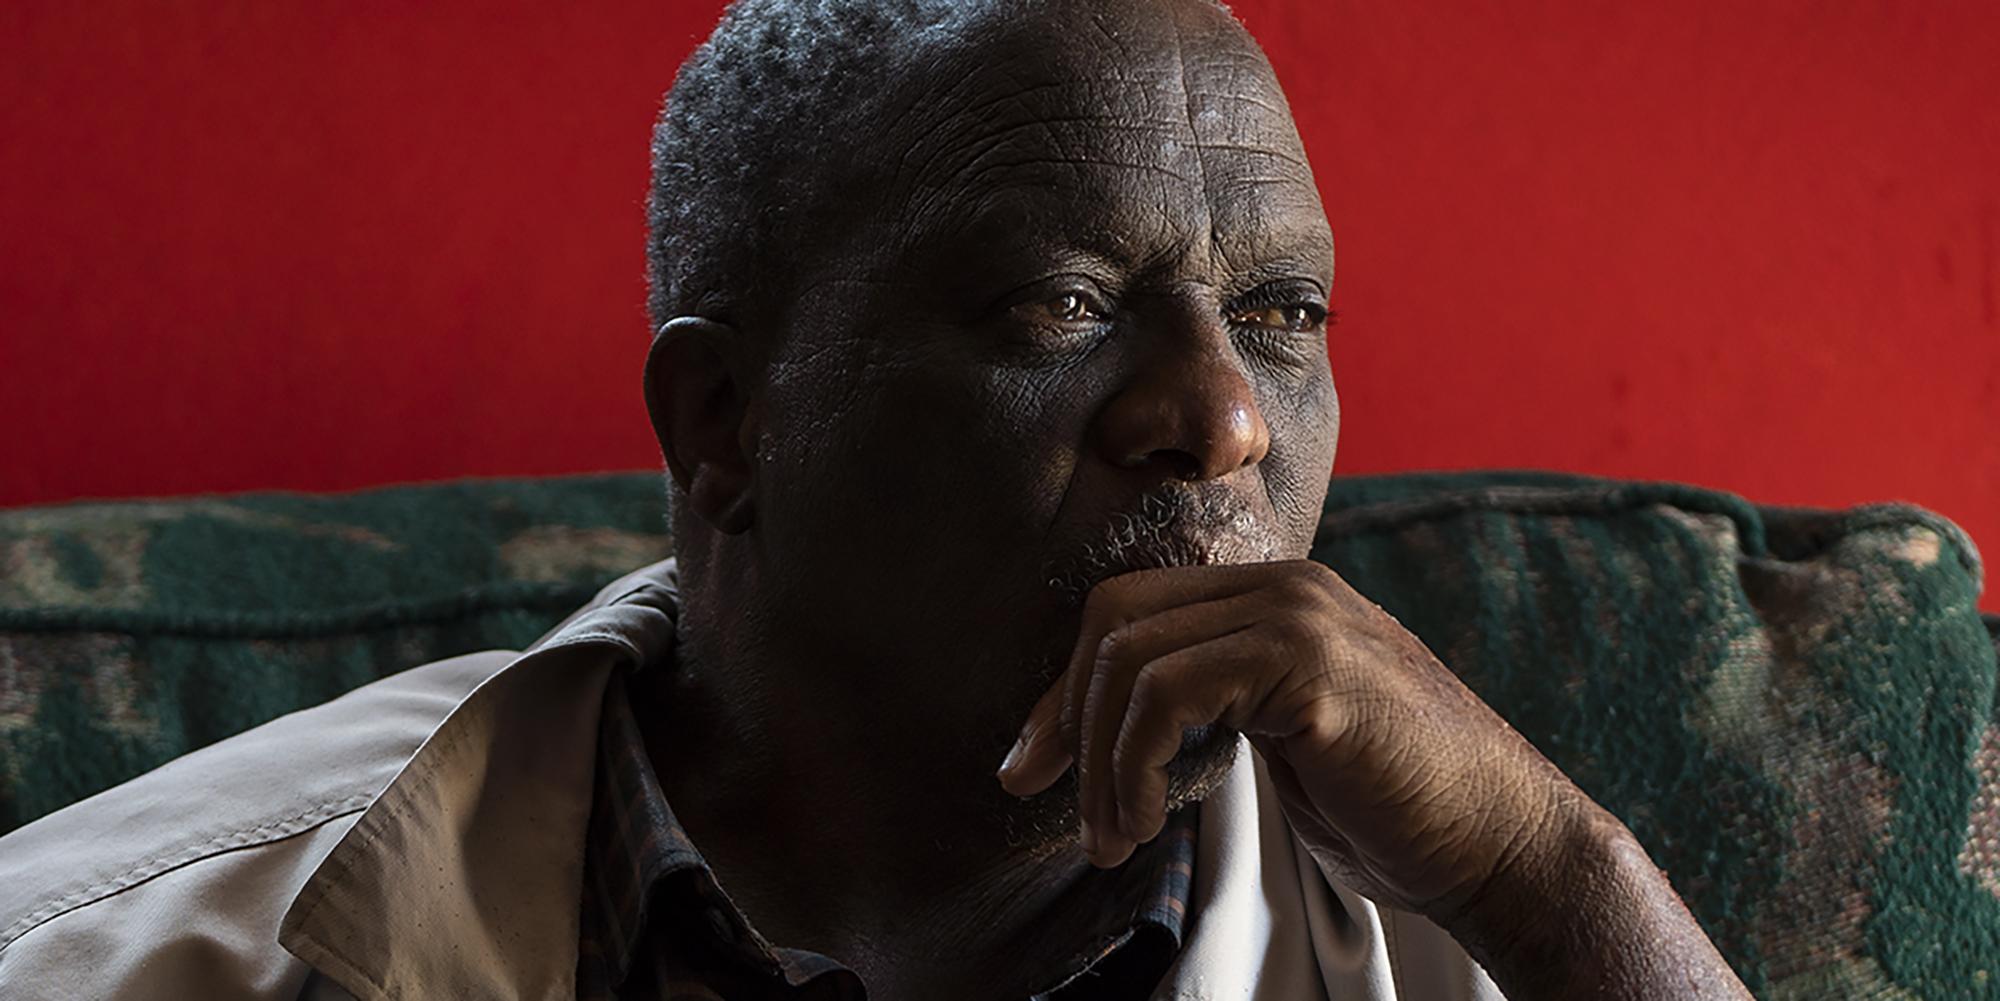 Ben Mokoena